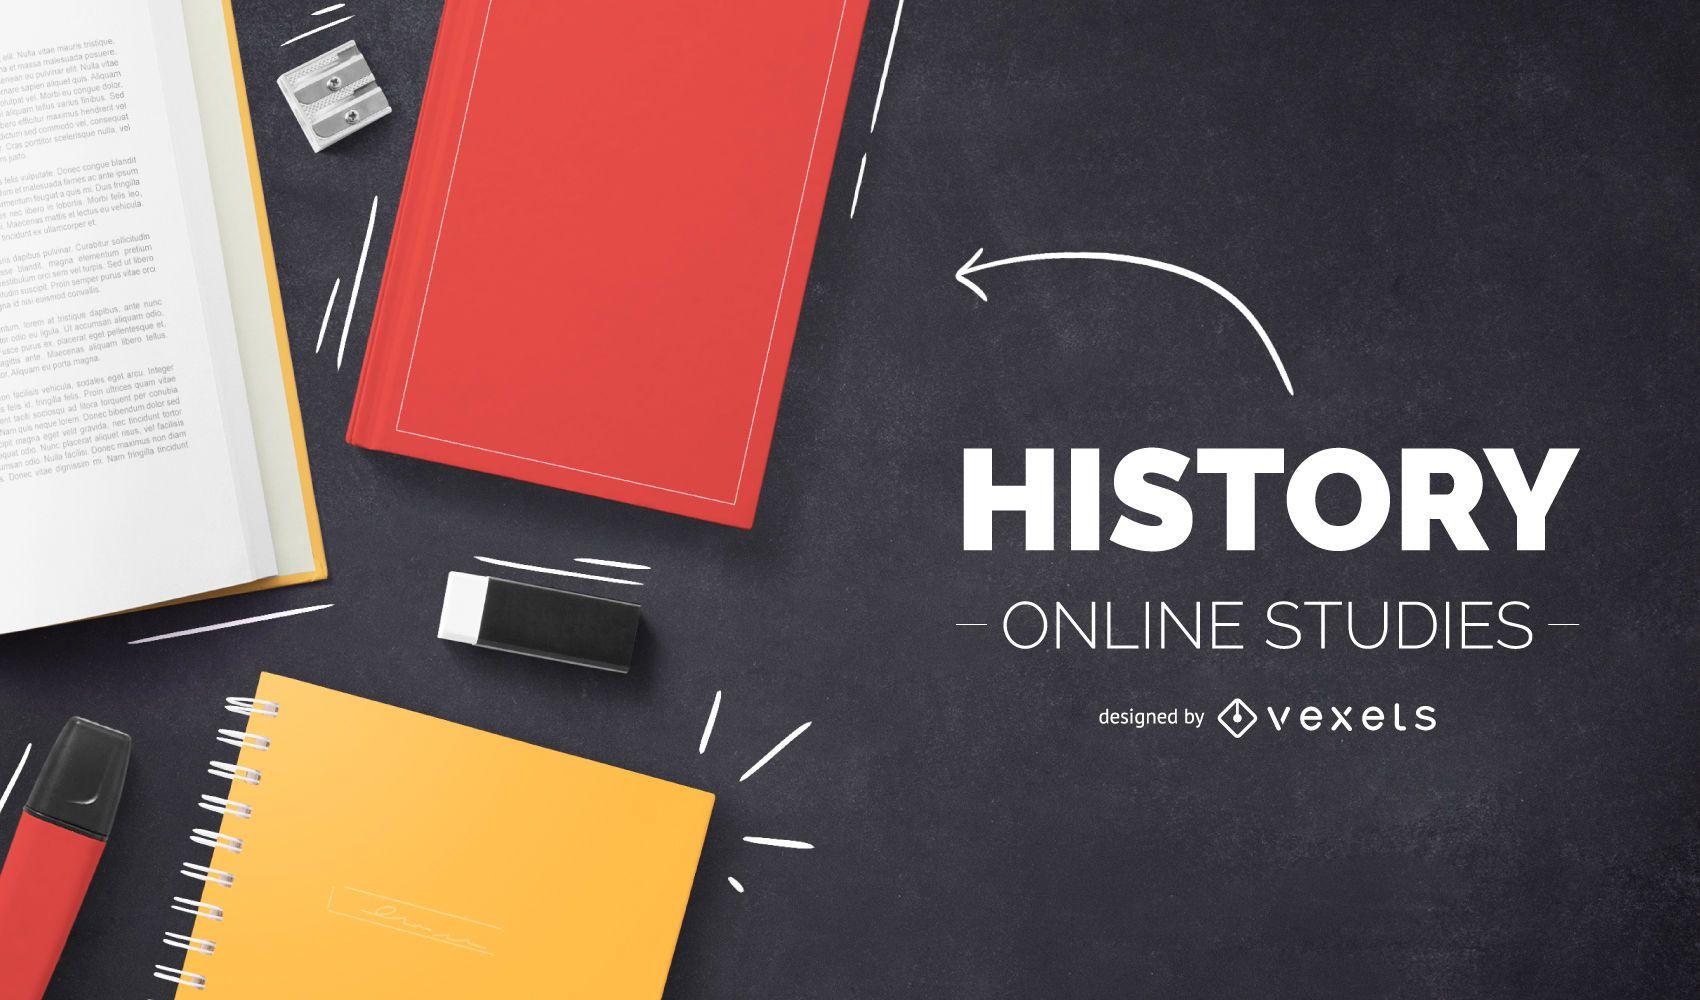 História online capa design